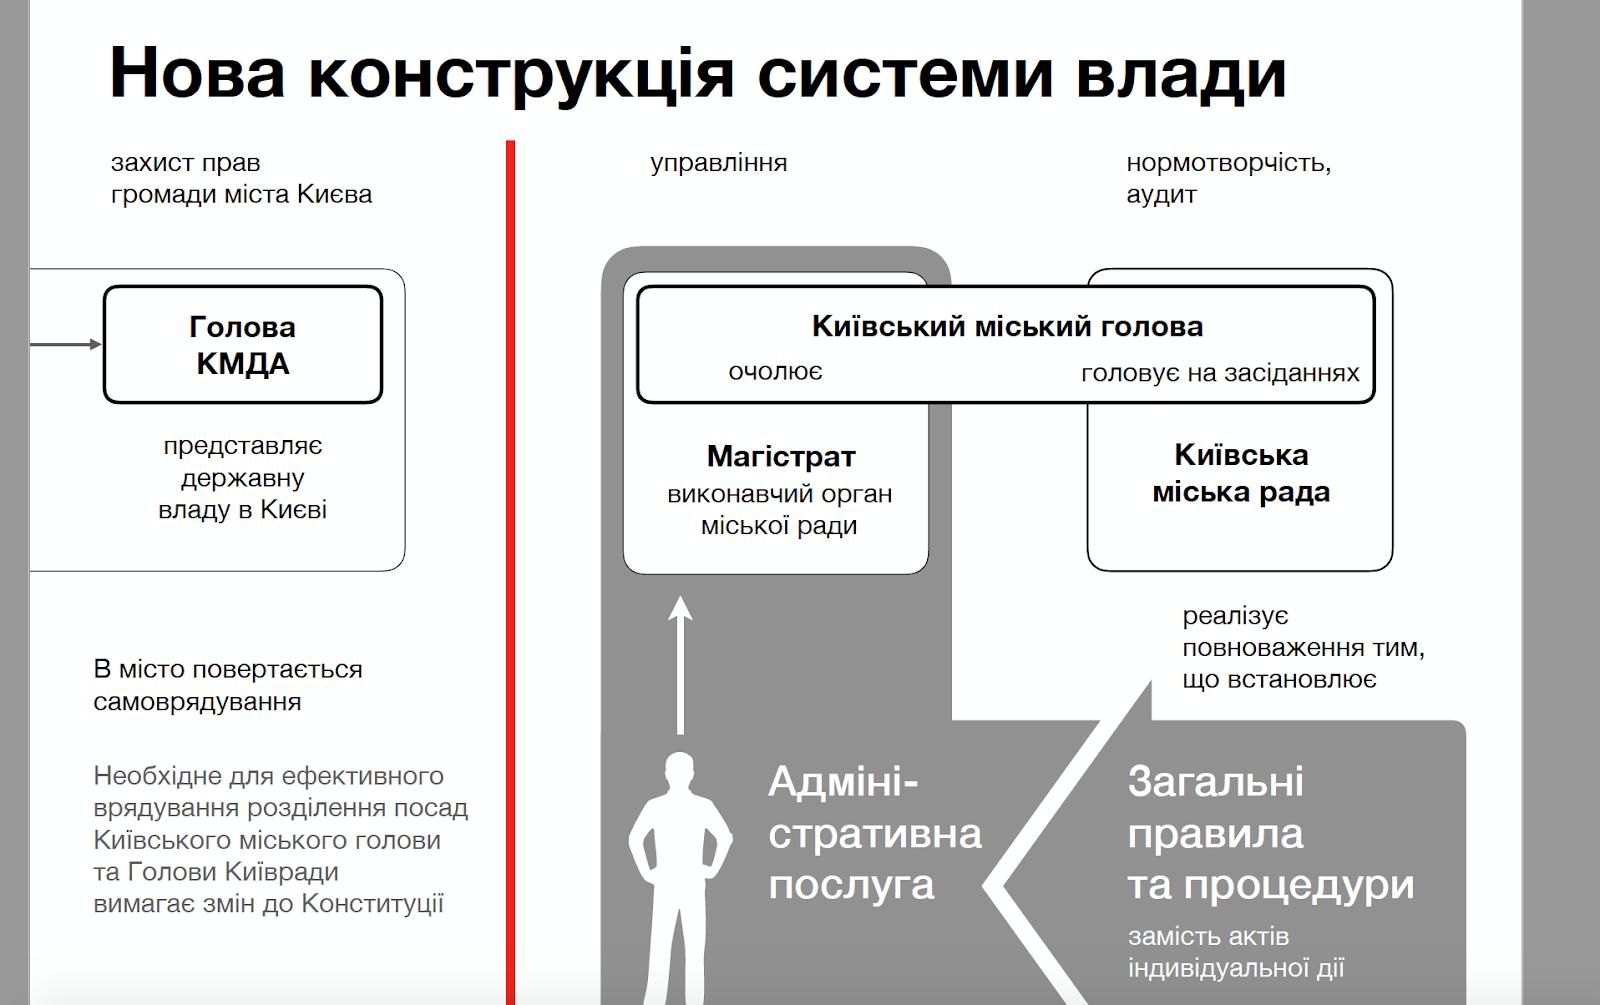 Фото: скриншот с презентации закона о столице